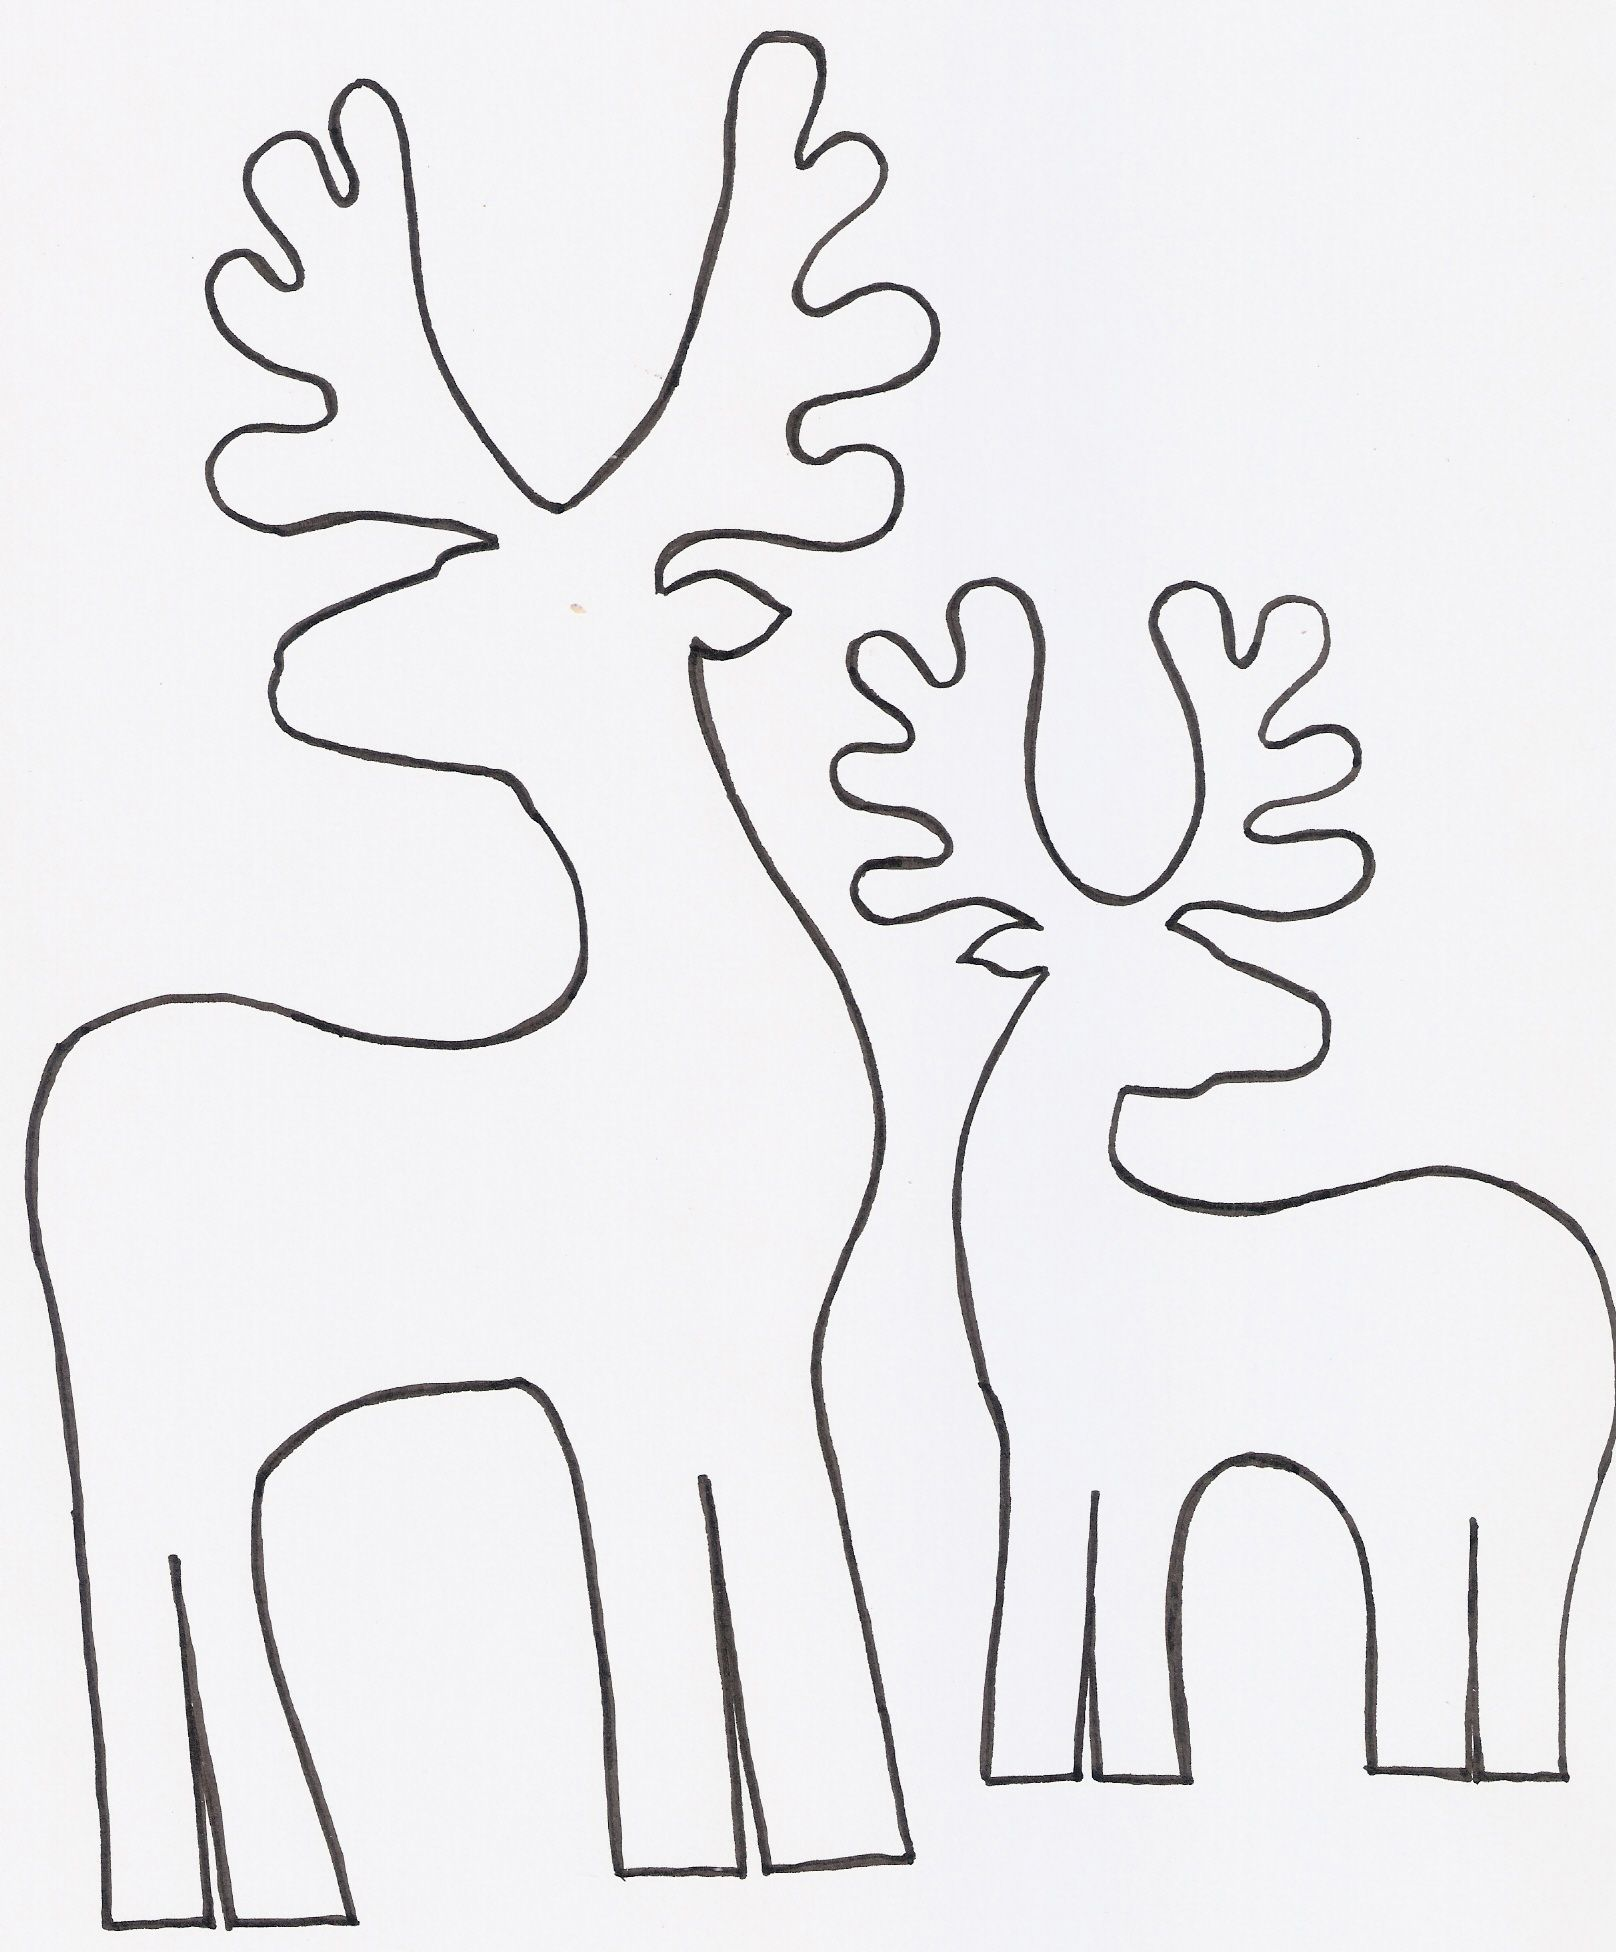 Renos en madera para decorar | Pinterest | Madera, Navidad y Buscar ...